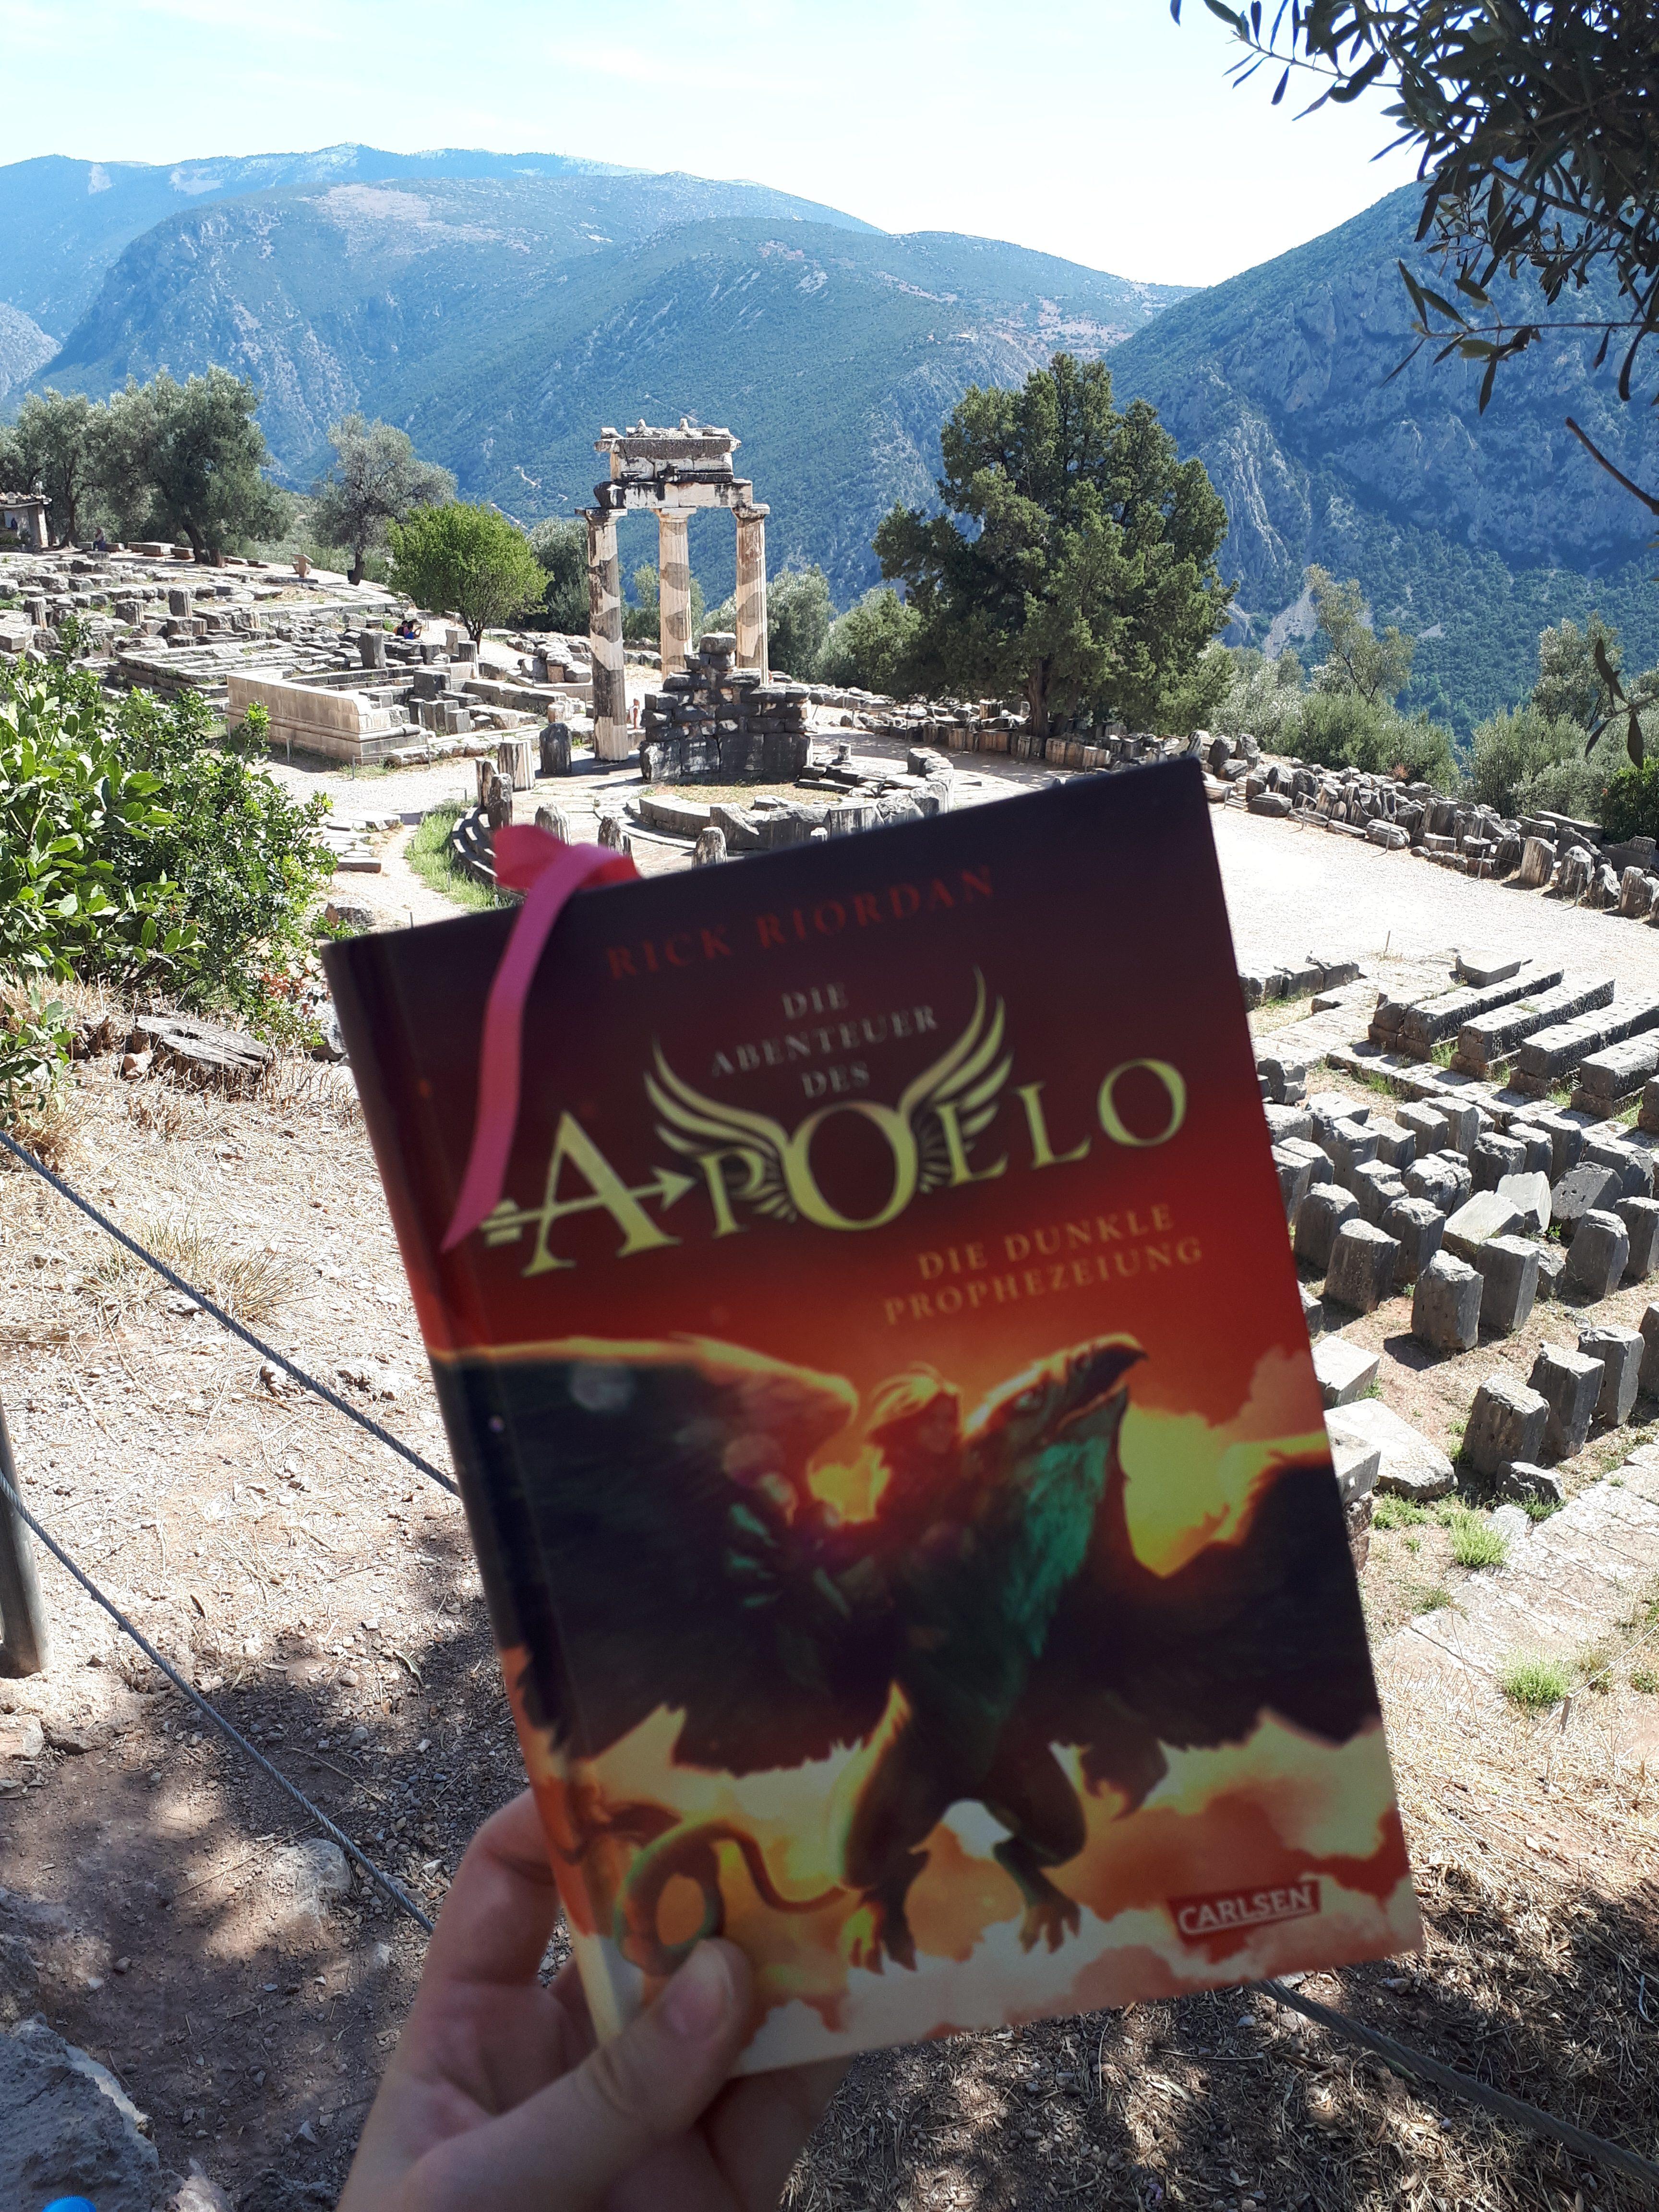 [Werbung] Die Abenteuer des Apollo: Die dunkle Prophezeiung – Rick Riordan